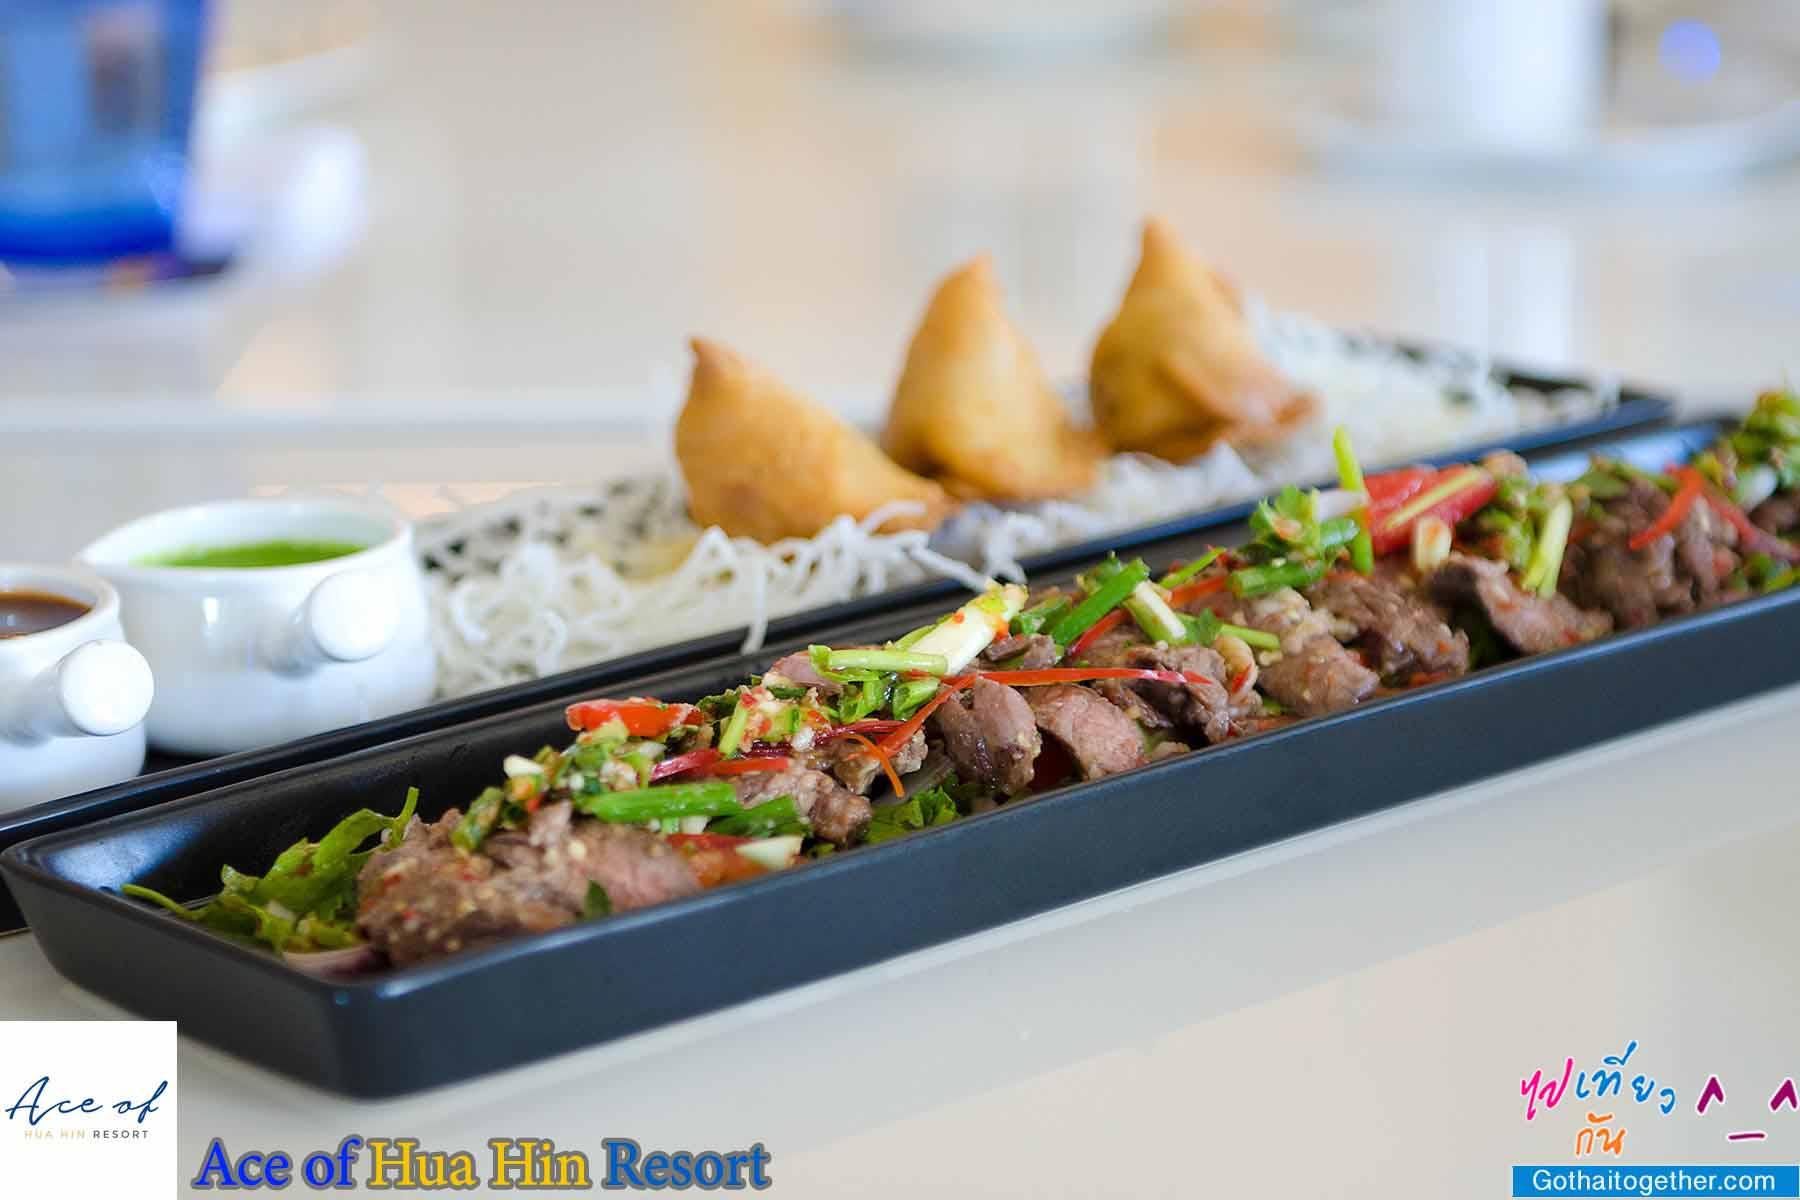 5 จุดเช็คอิน ทะเลใกล้กรุง พักผ่อนมีระดับ ชมวิวชิลไปกับ Ace of Hua Hin Resort 212